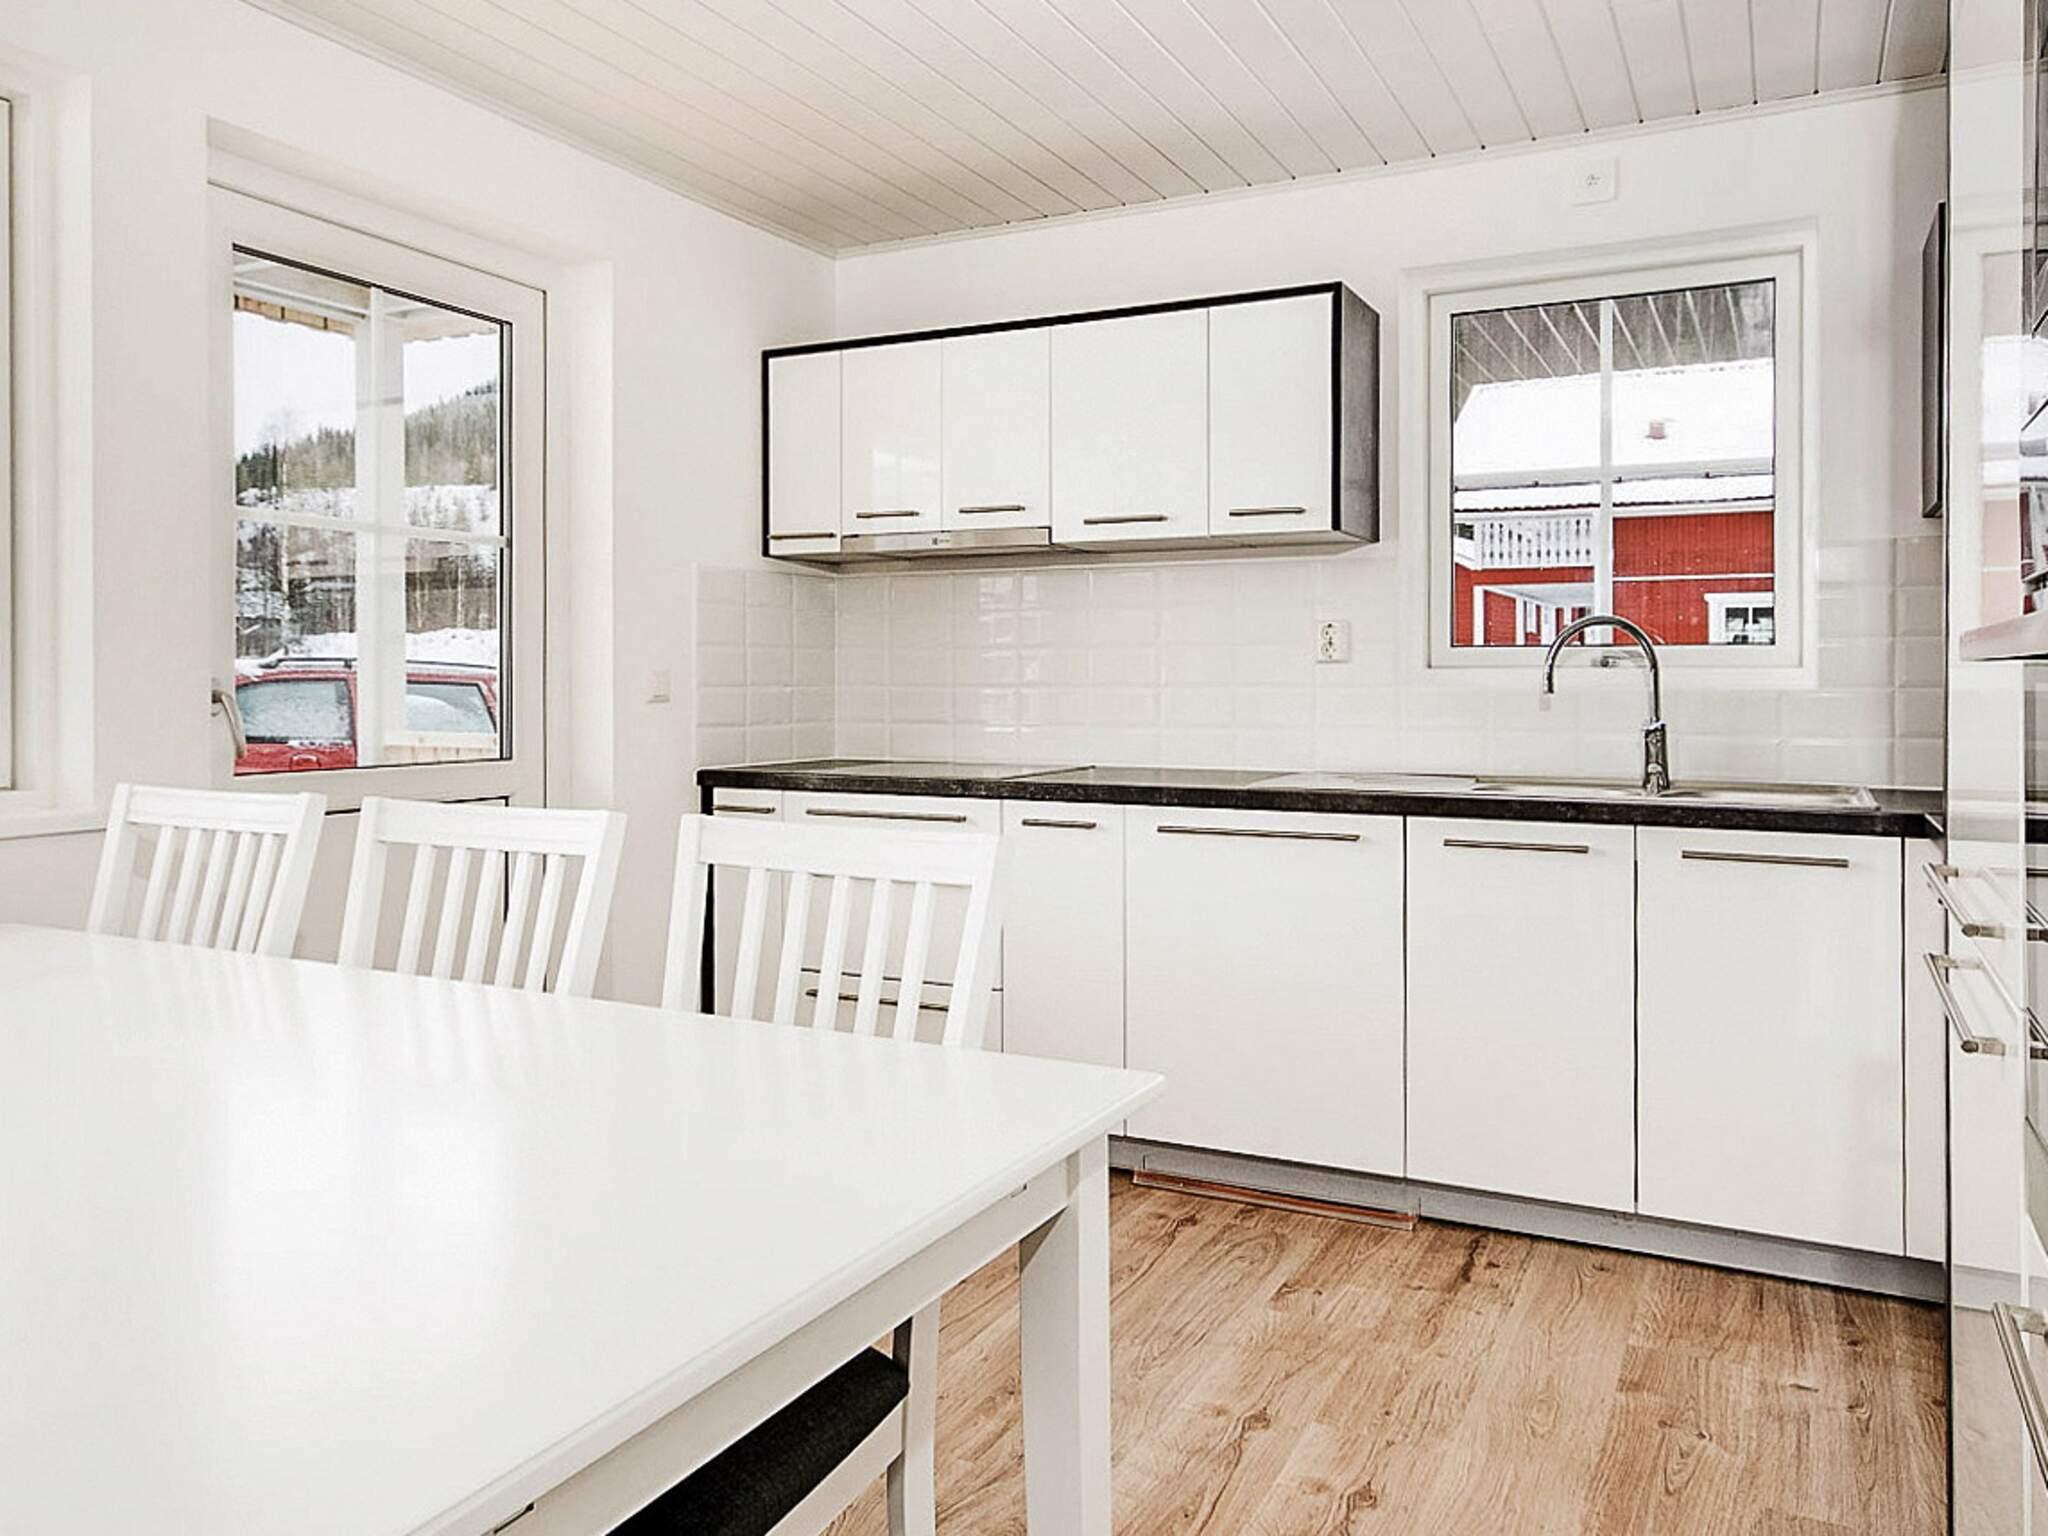 Ferienhaus Sysslebäck (2617883), Sysslebäck, Värmlands län, Mittelschweden, Schweden, Bild 4